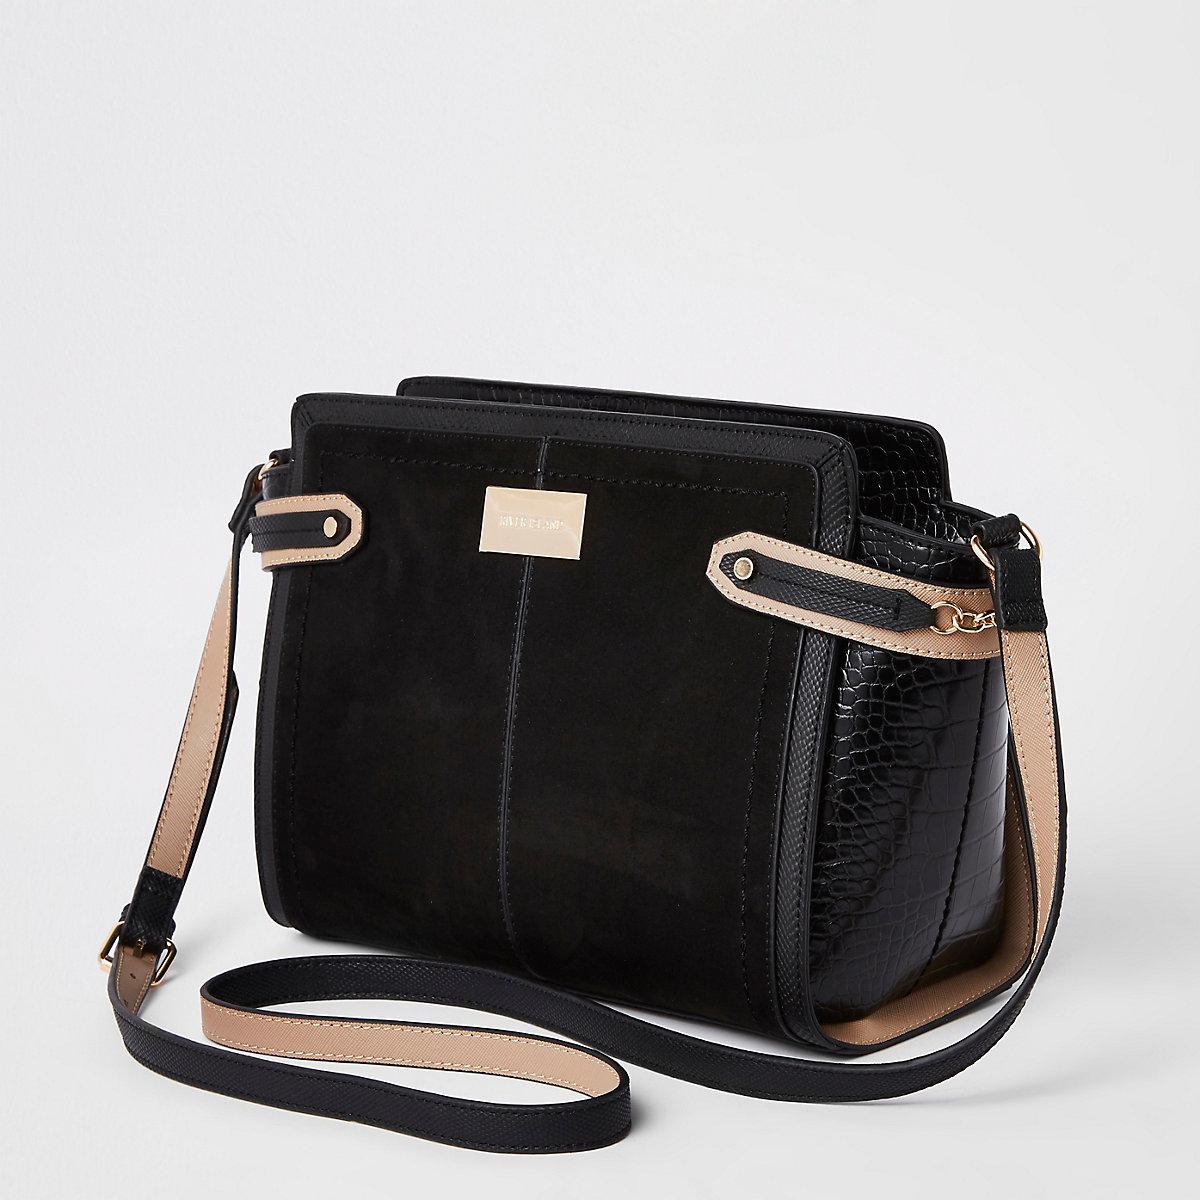 ffa7c5b52ade Home · Women · Bags   purses  Black tab side cross body bag. Black tab side  cross body bag Black tab side cross body bag ...